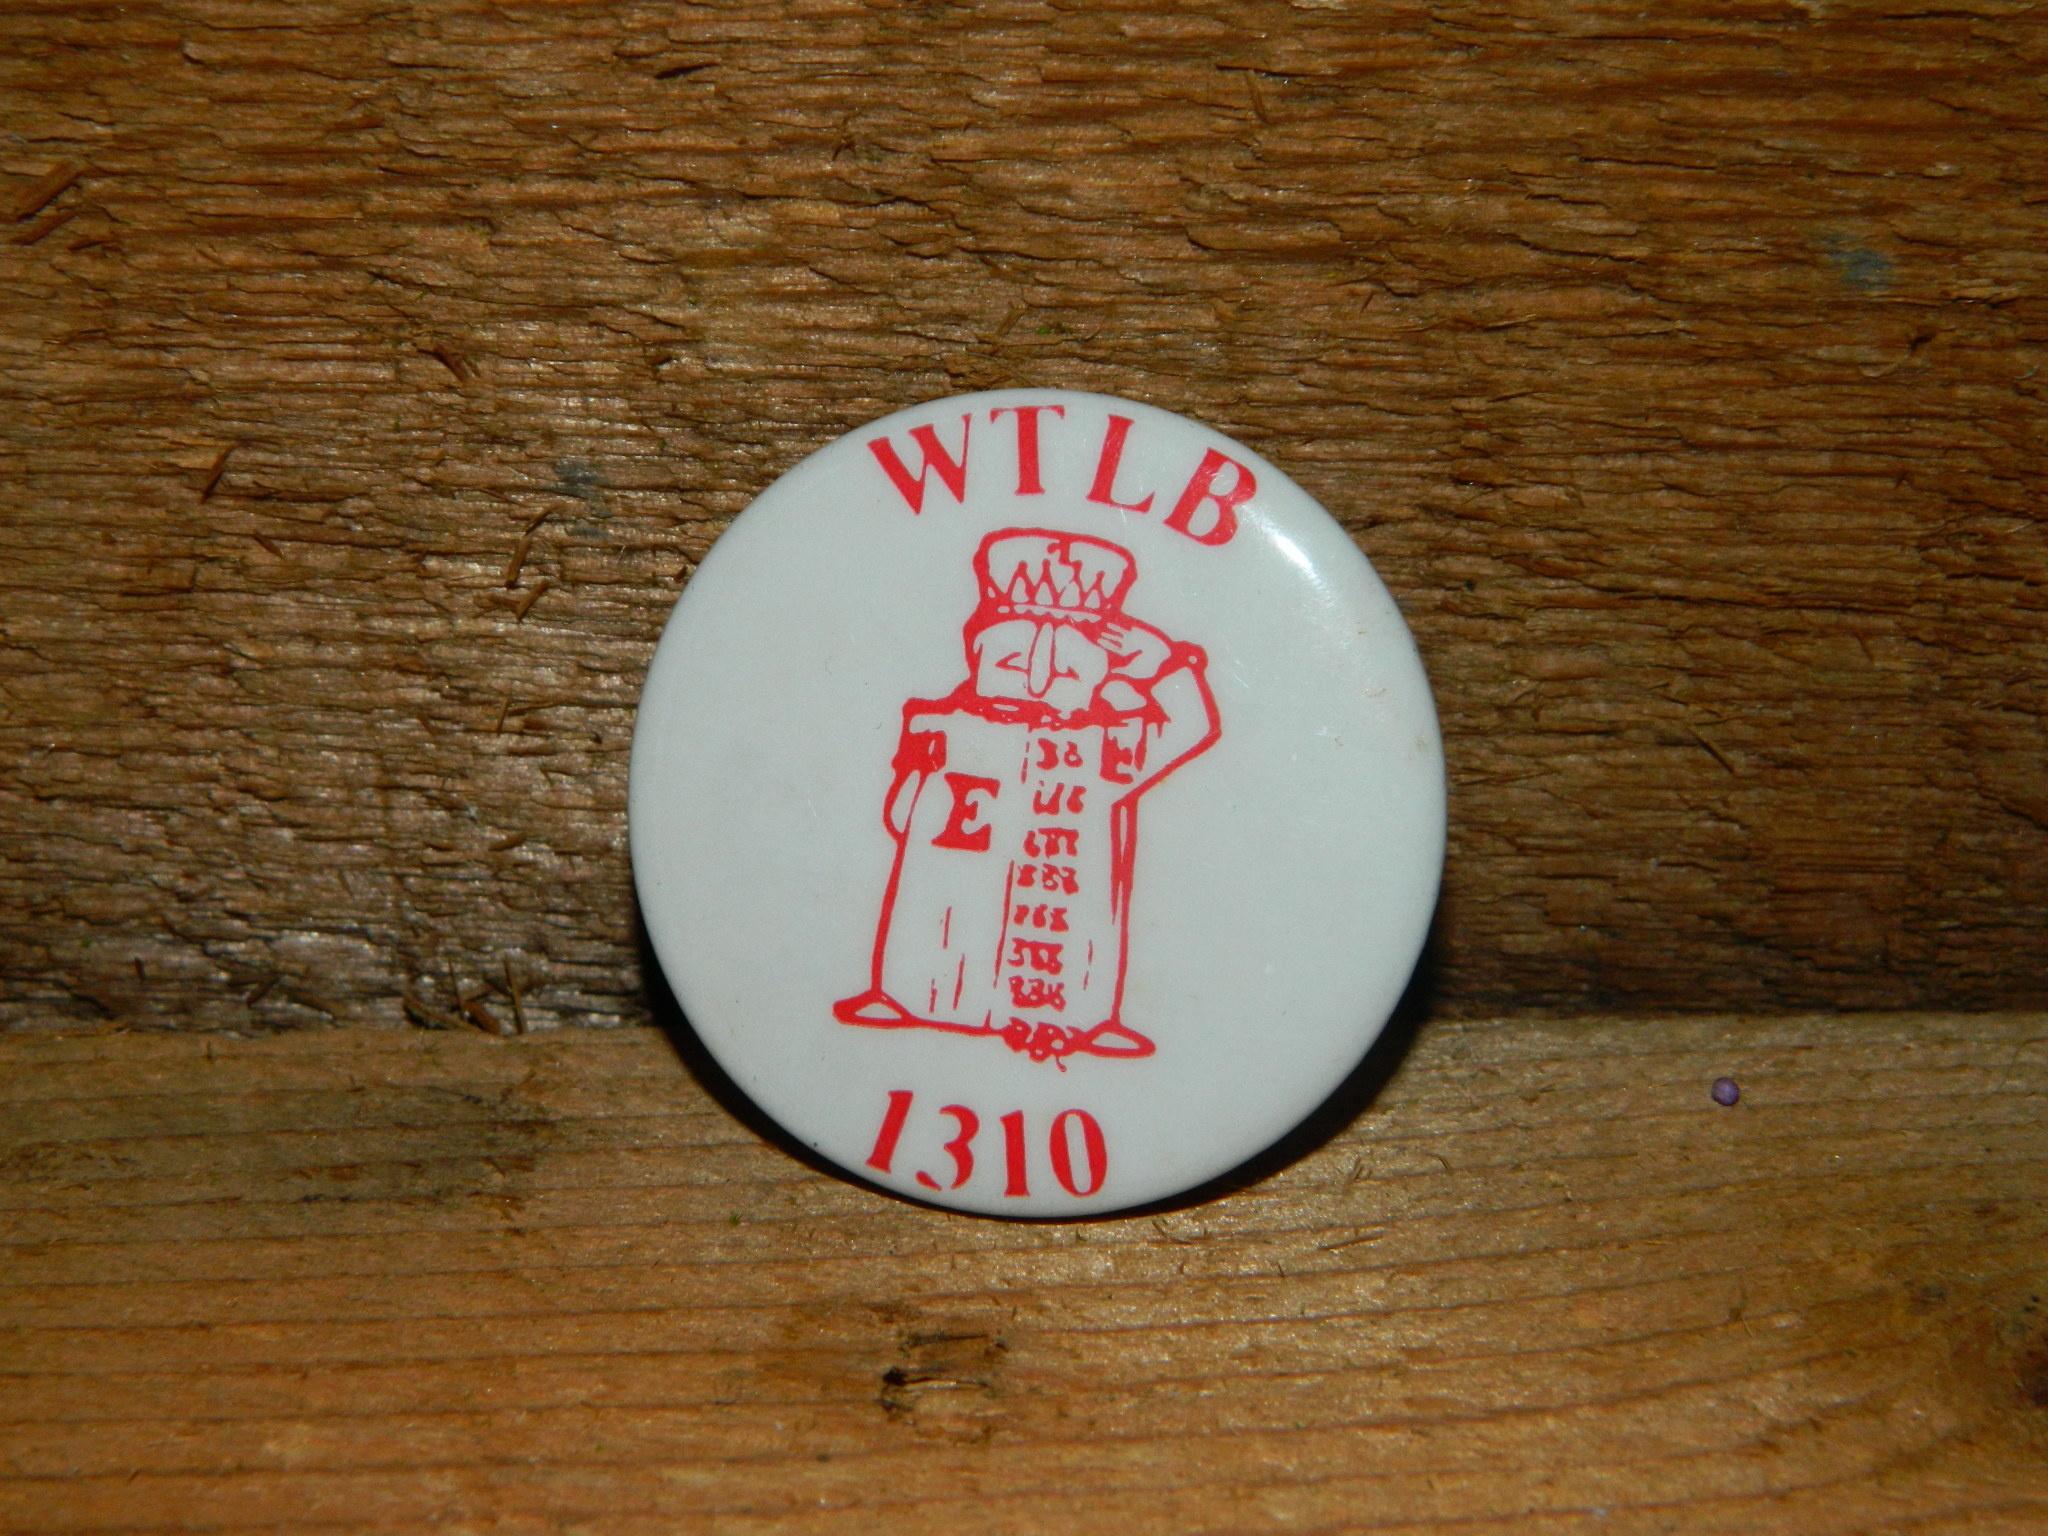 Utica Radio Station WTLB 1310 Pin, Vintage